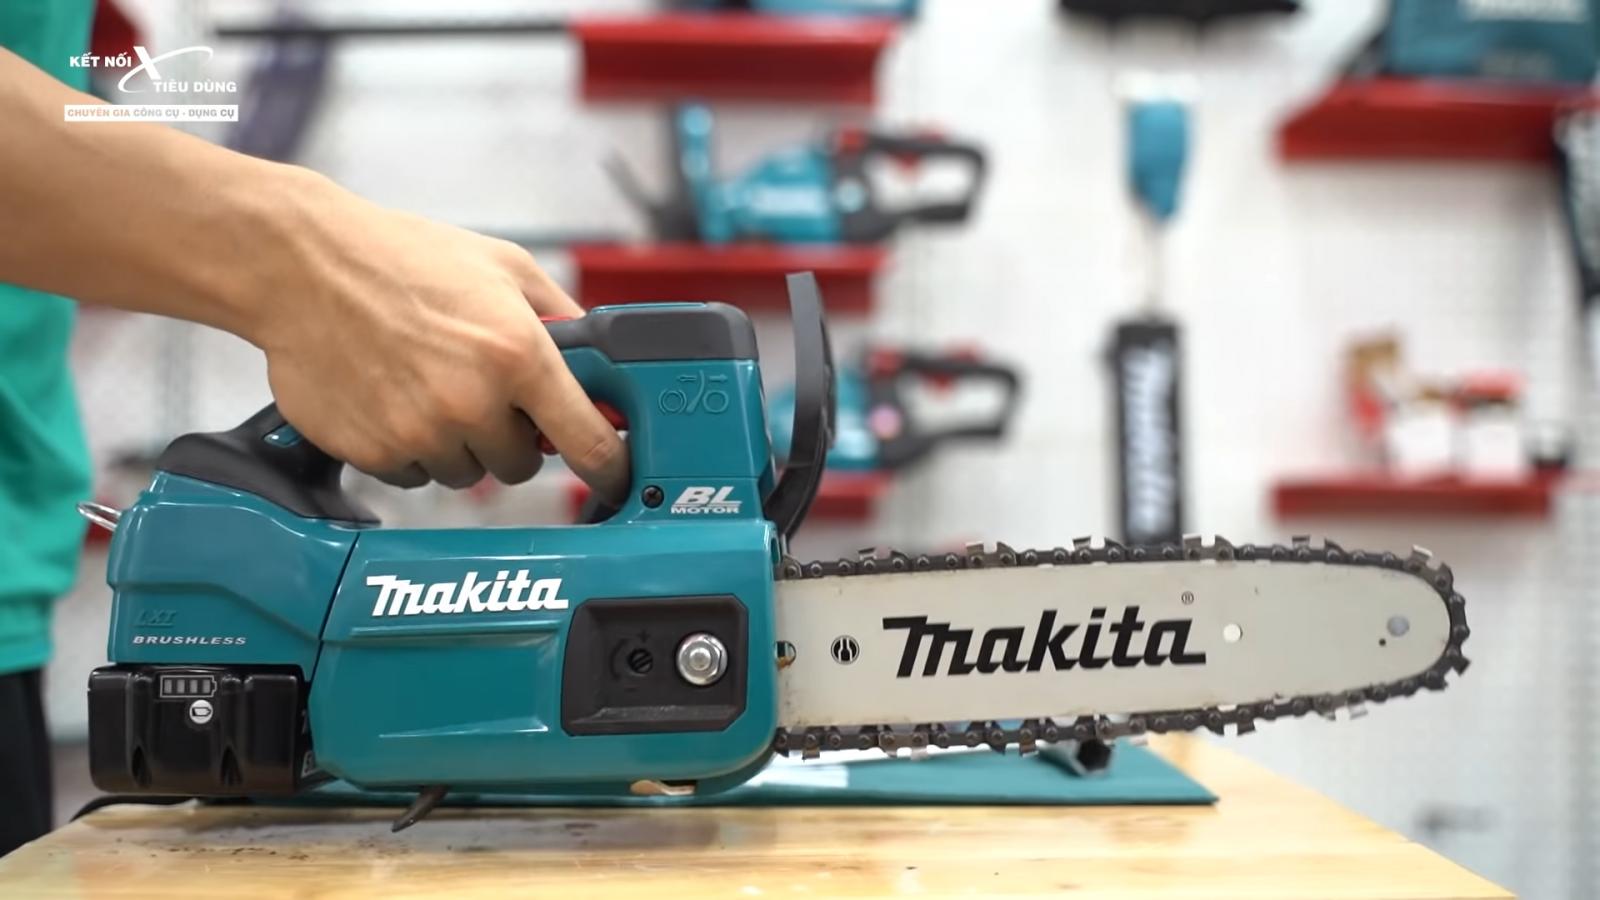 Review máy cưa xích mini Makita DUC254 không chổi than, ngắn tũn mà cưa cây to ngon lành